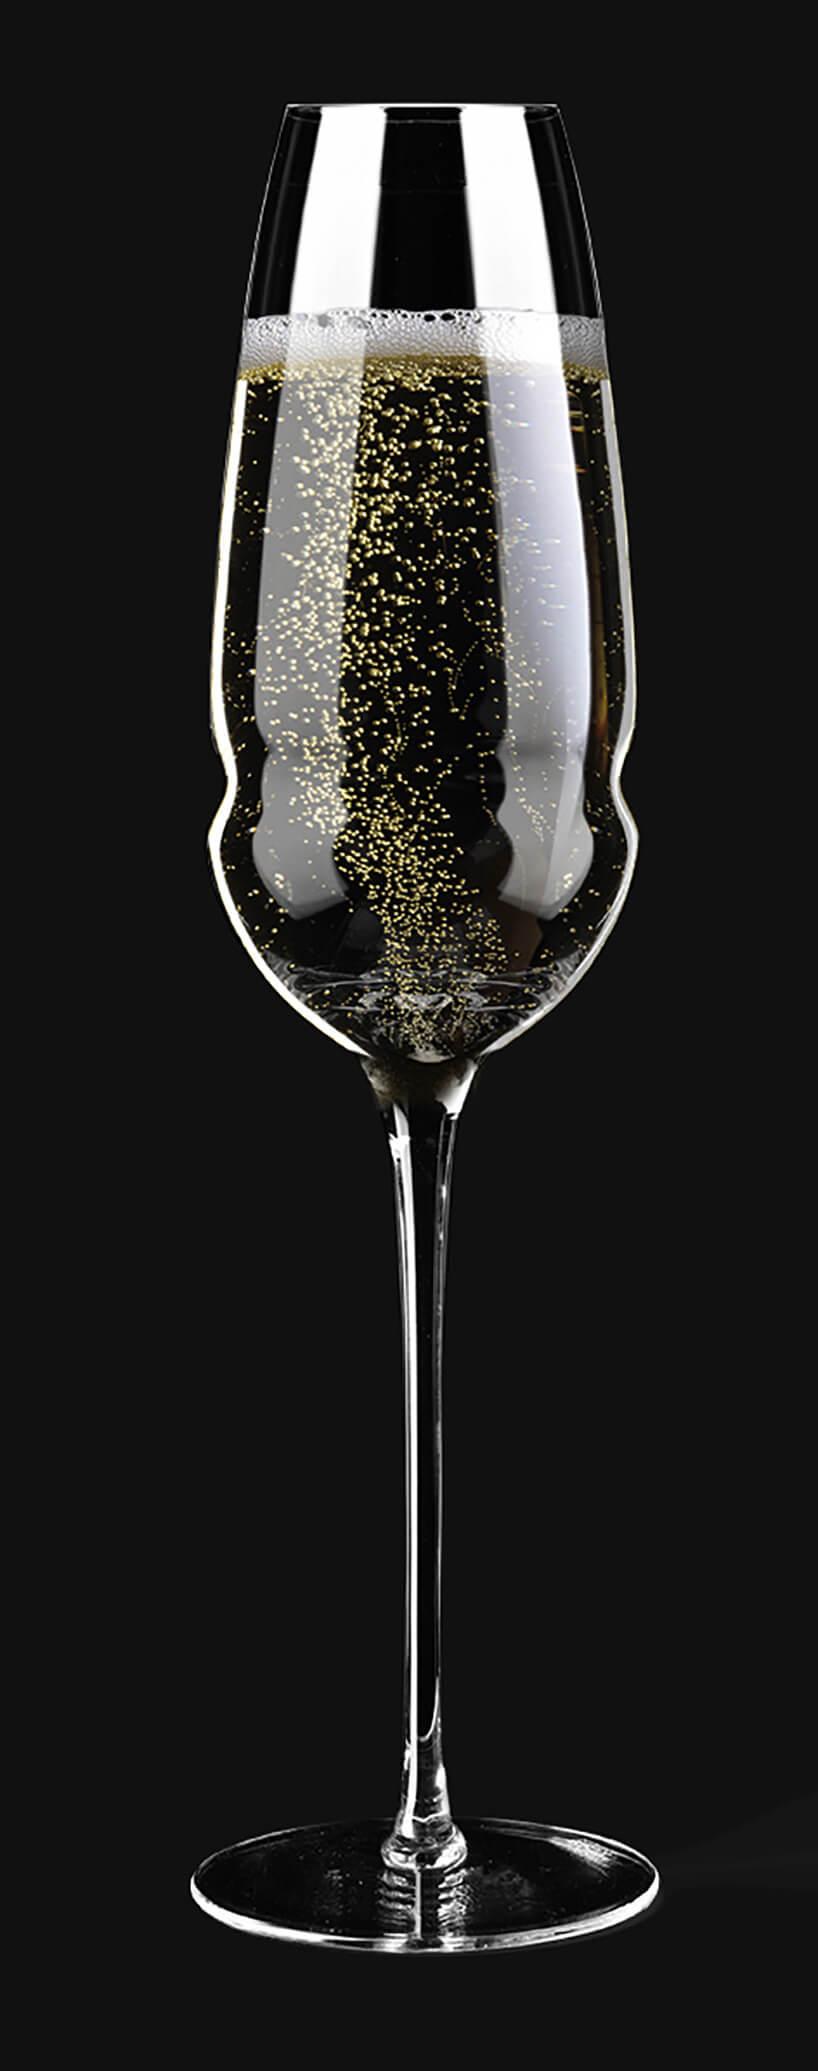 kieliszek do szampana na czarnym tle